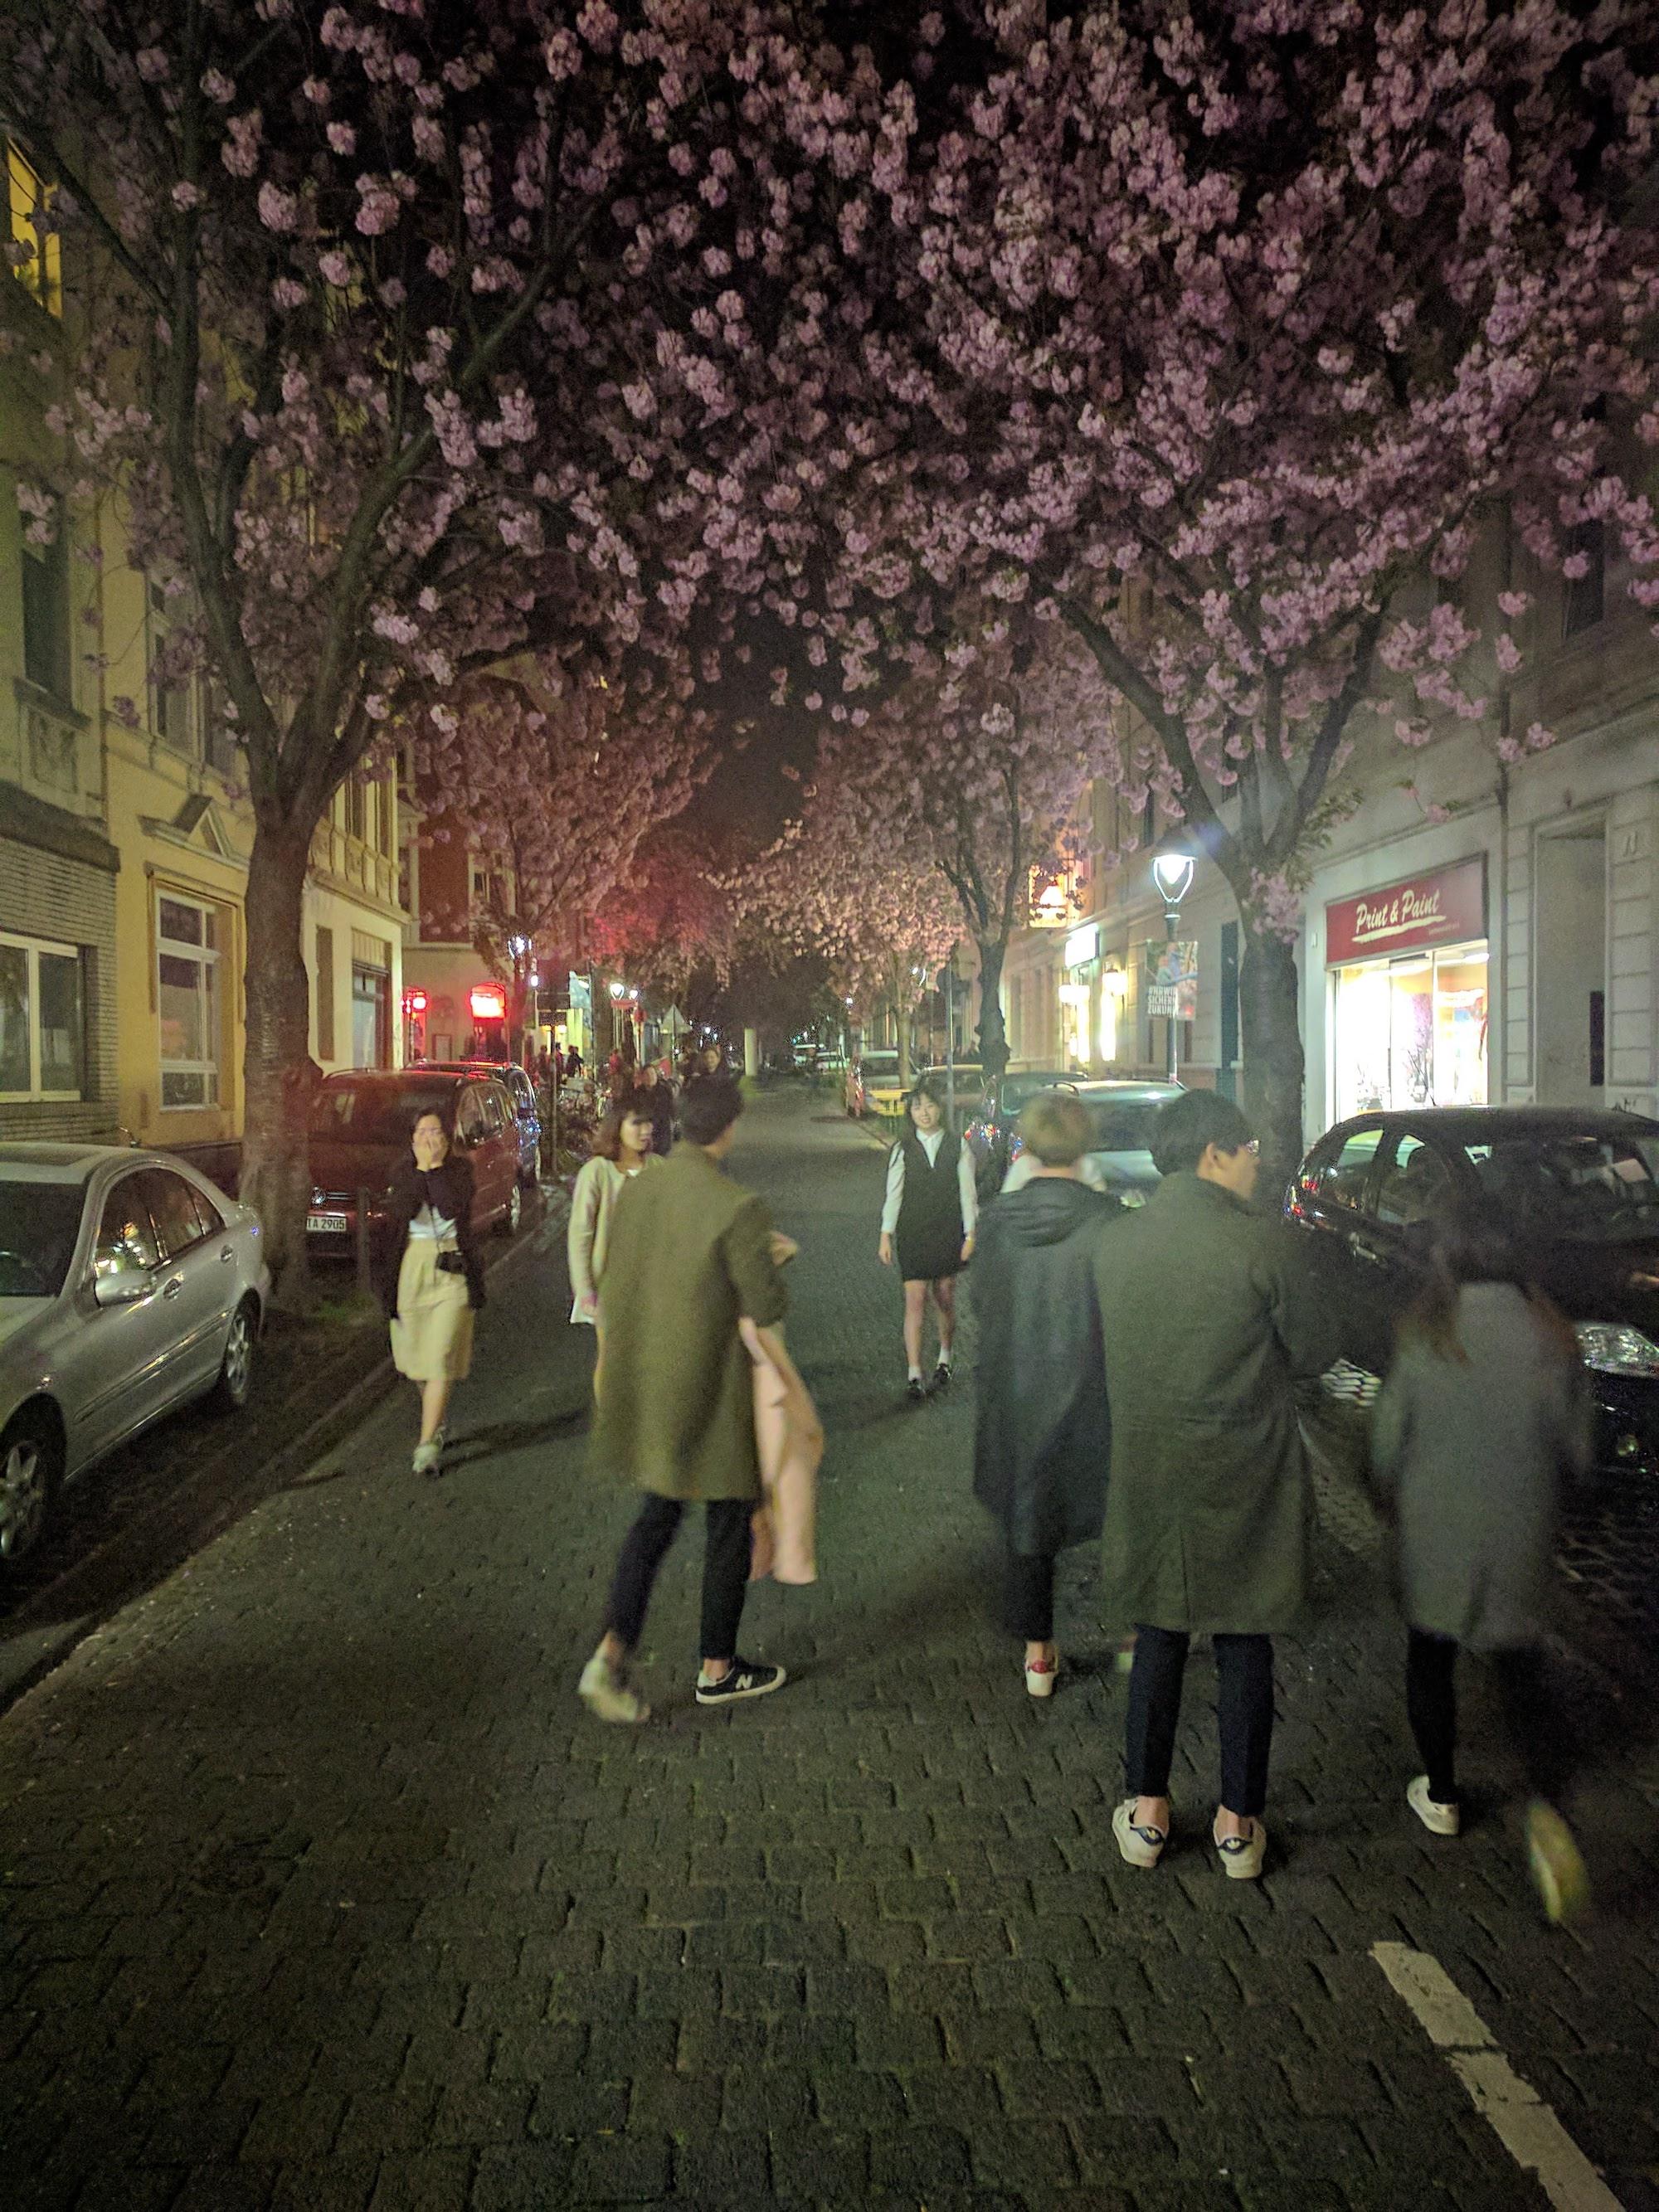 Kirschblüten und asiatische Touristen (in der Bonner Altstadt)